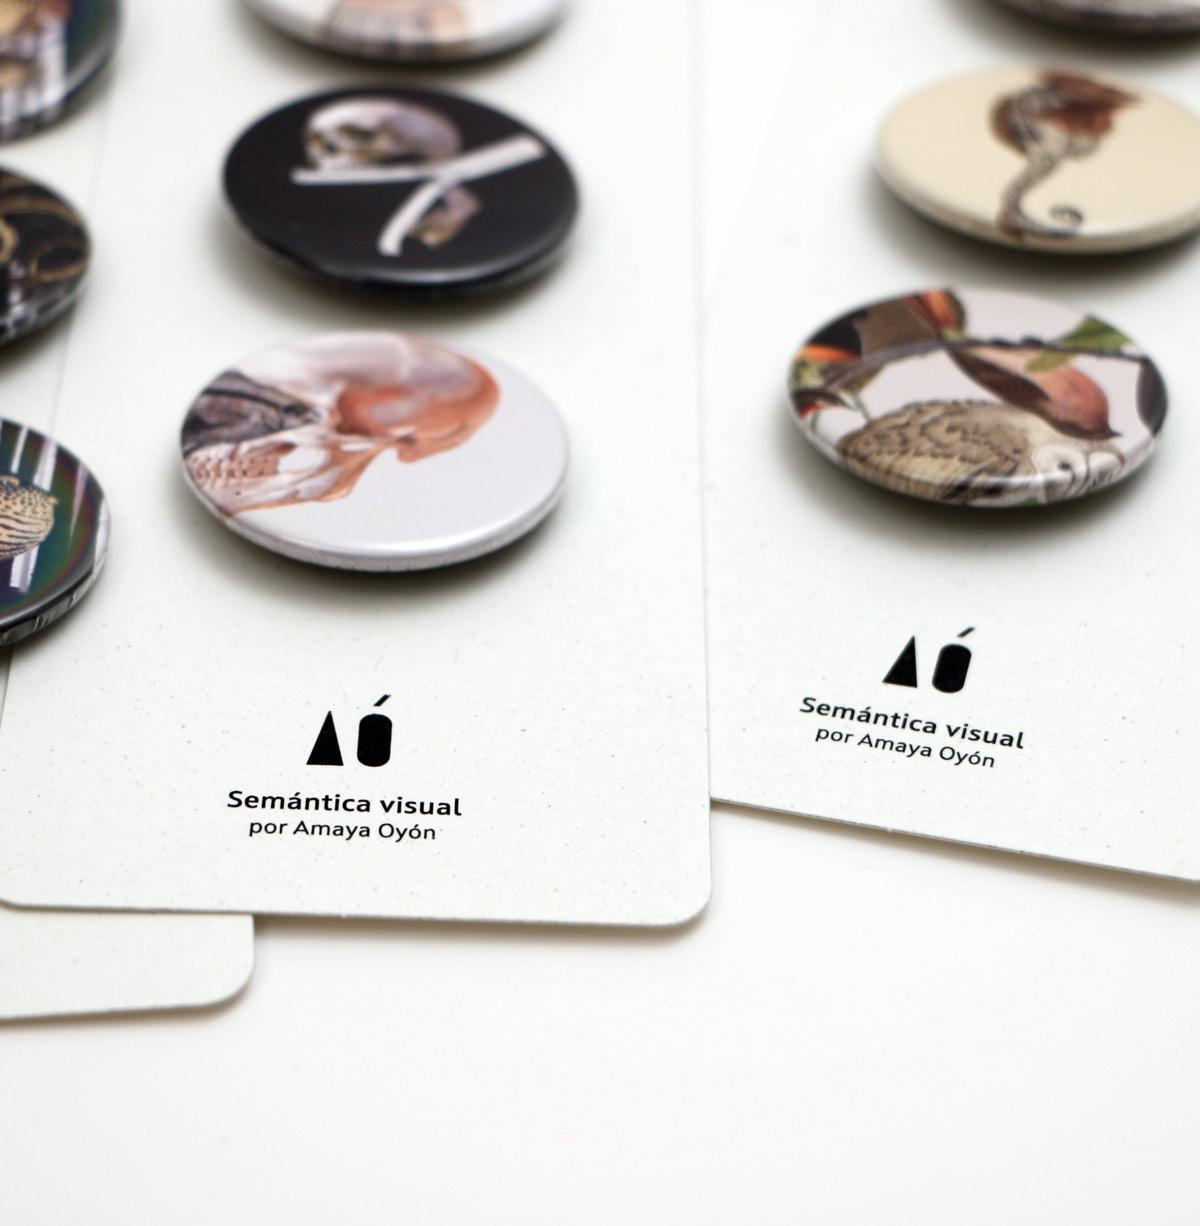 packs trichapicos de la coleccion Semantica visual de Amaya Oyón